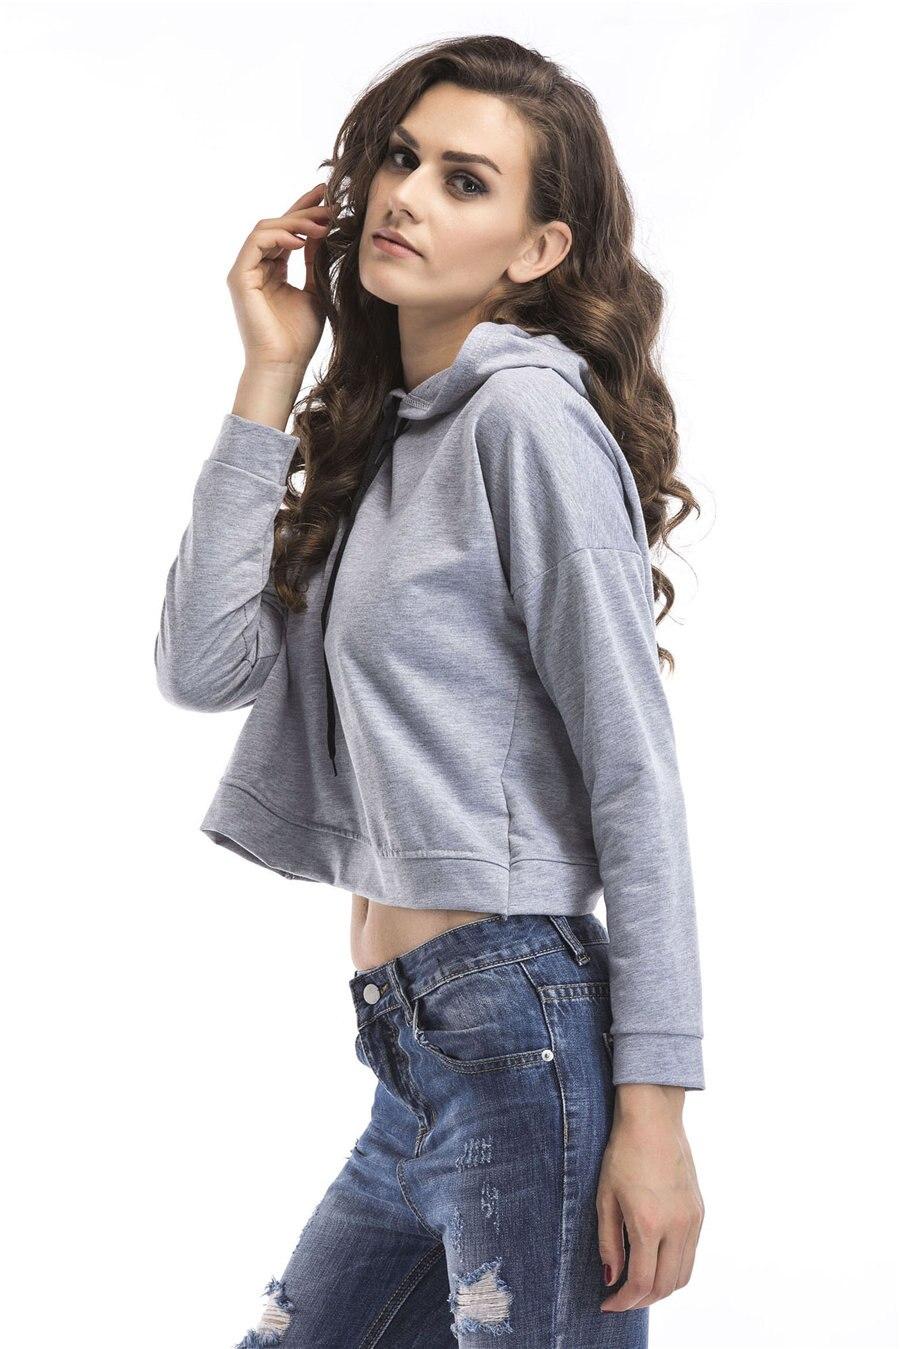 Gladiolus Spring Hooded Hoodies Women Long Sleeve Sexy Crop Top 2019 Short Slim Sweatshirt Women Loose Pullover Tracksuit Tops (14)